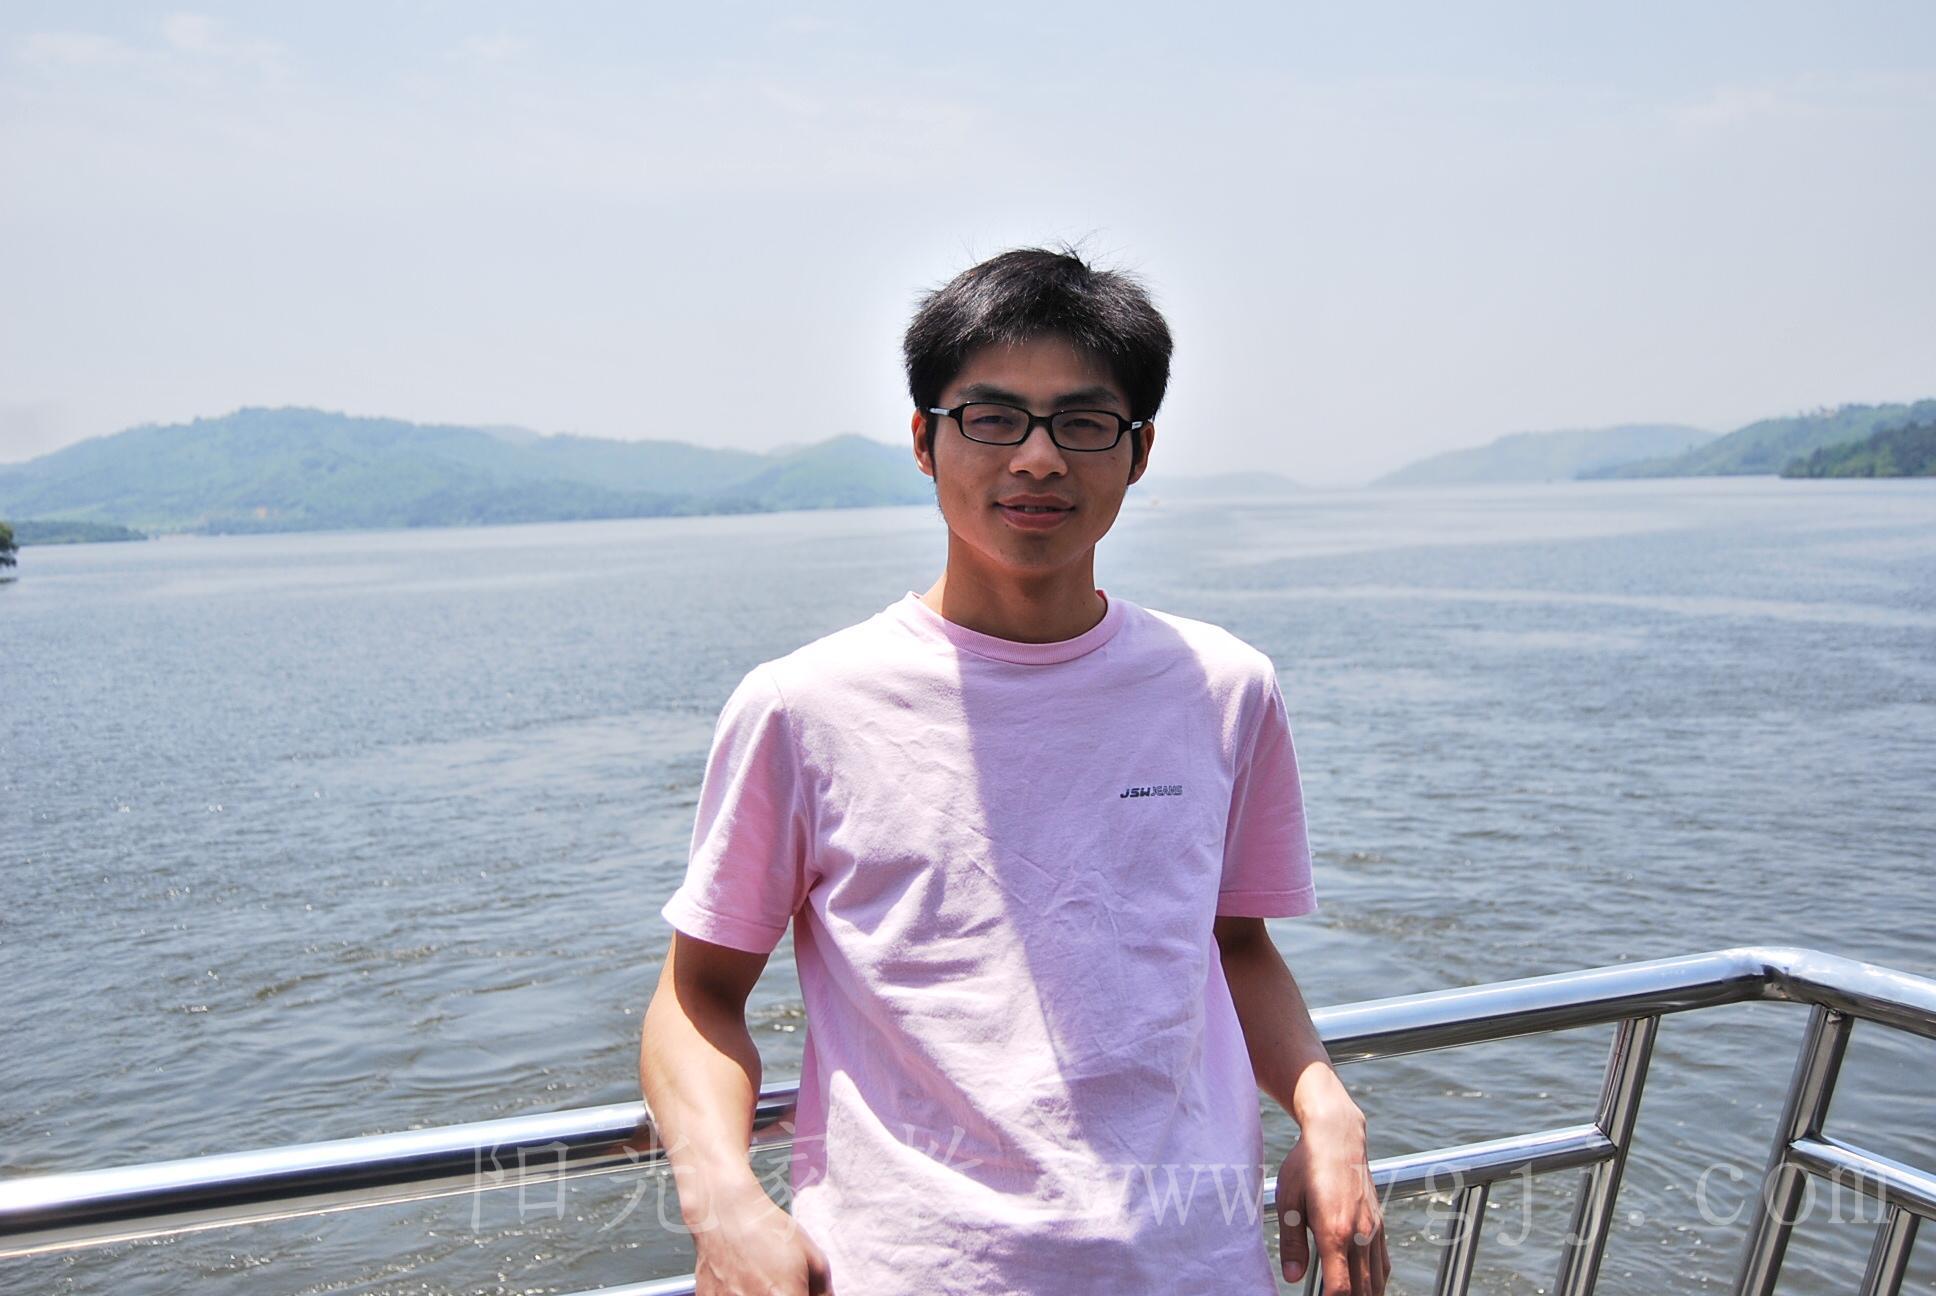 上海家教-研究员家教-浦东 北蔡家教 本人生活照片